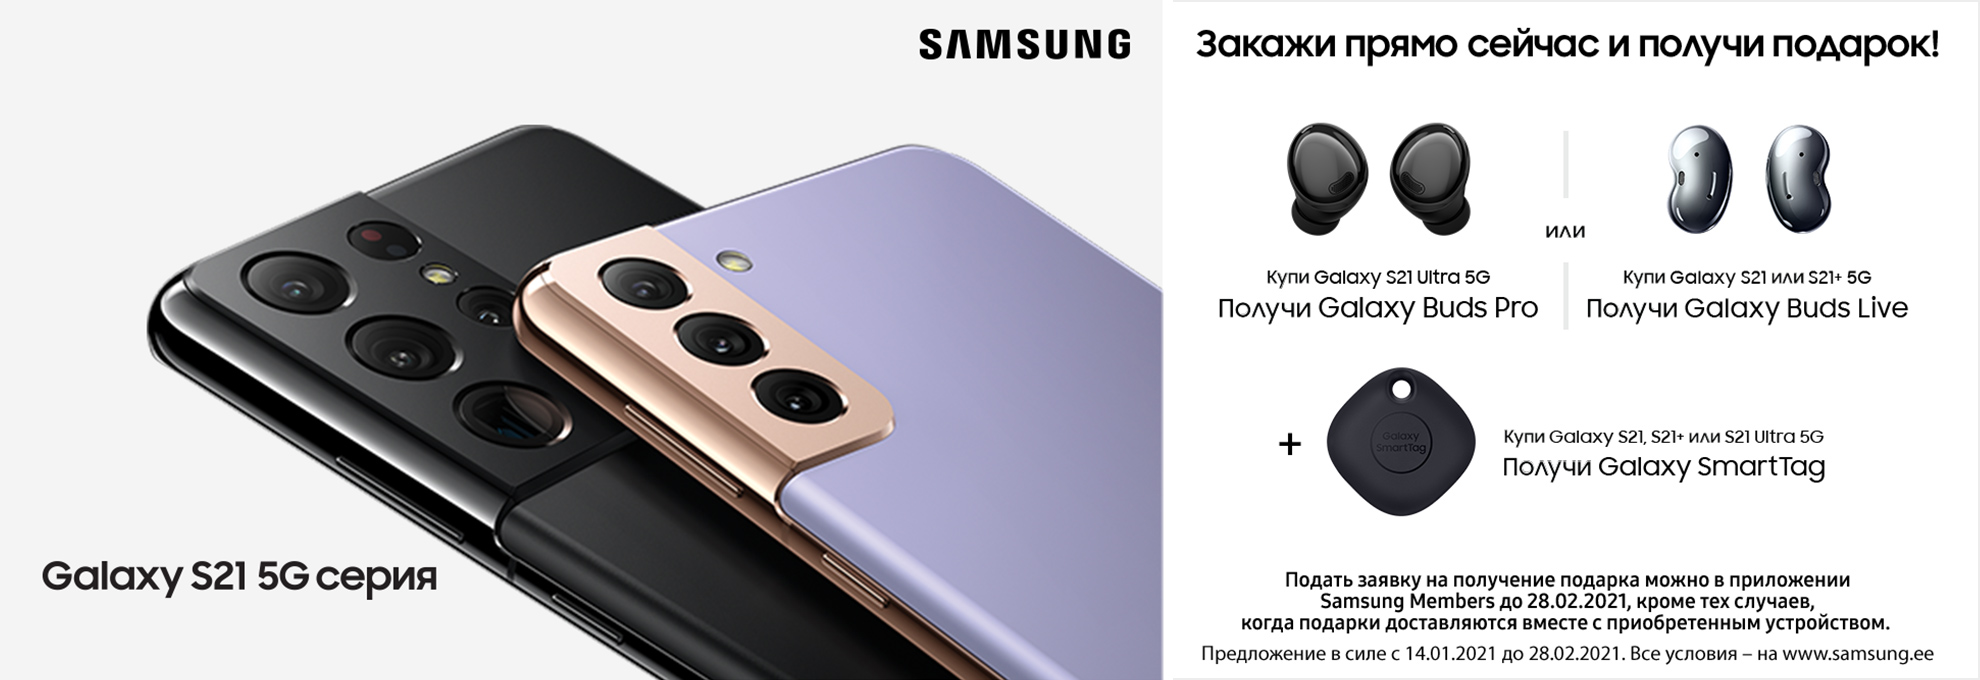 Сделавшим предзаказ на Galaxy S21 в подарок Беспроводные наушники Galaxy Buds